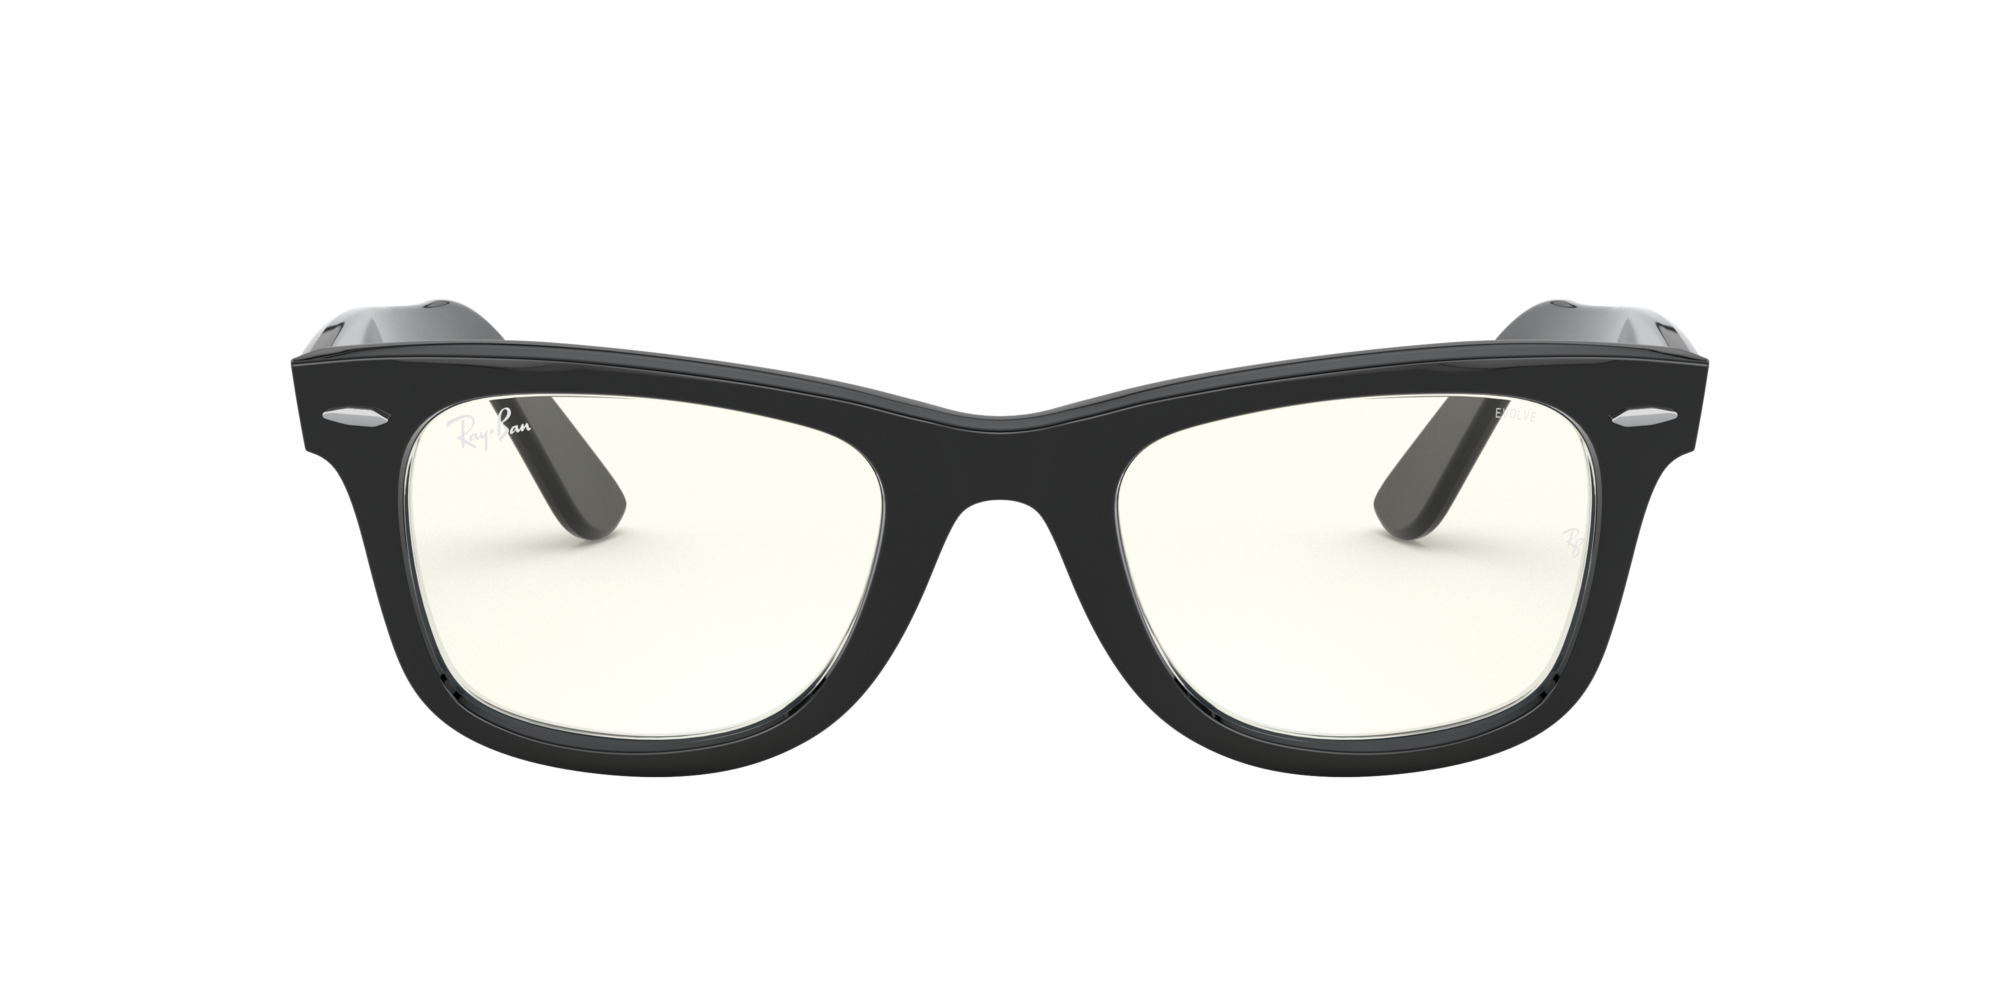 Imagen para RB2140 50 WAYFARER de LensCrafters    Espejuelos, espejuelos graduados en línea, gafas